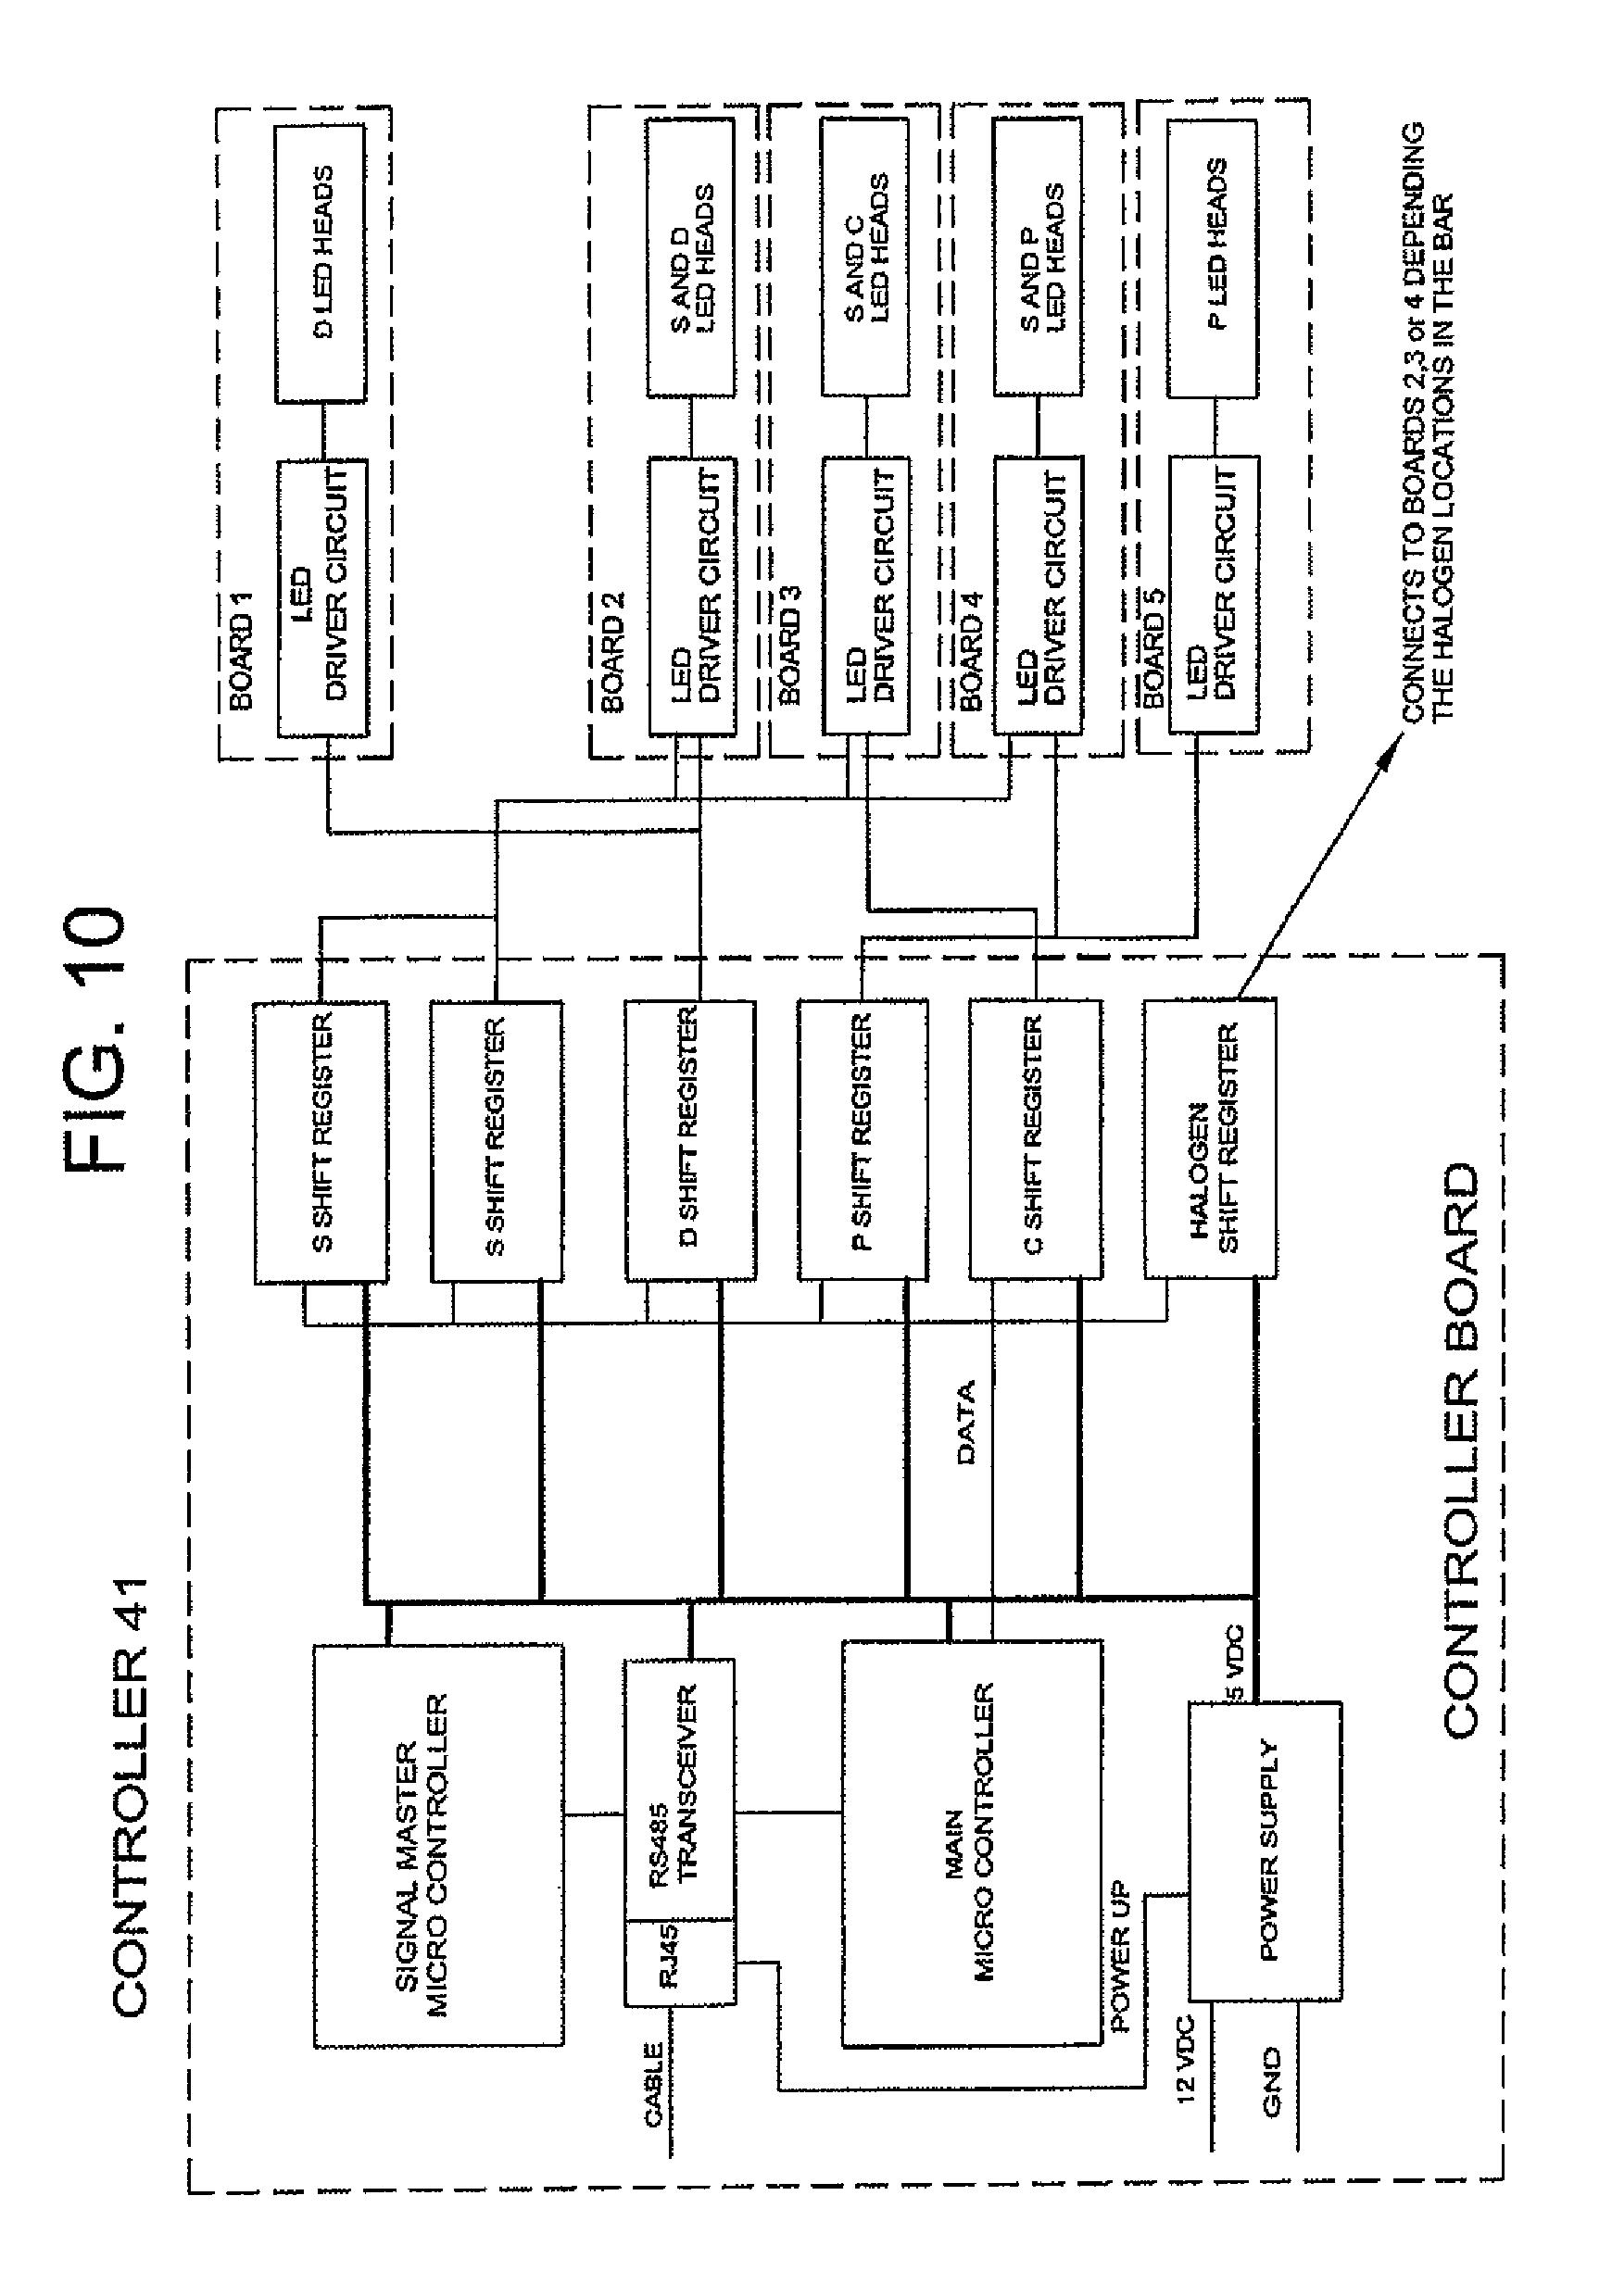 federal signal vector lightbar wiring diagram diy enthusiasts rh okdrywall co federal signal vista lightbar wiring diagram